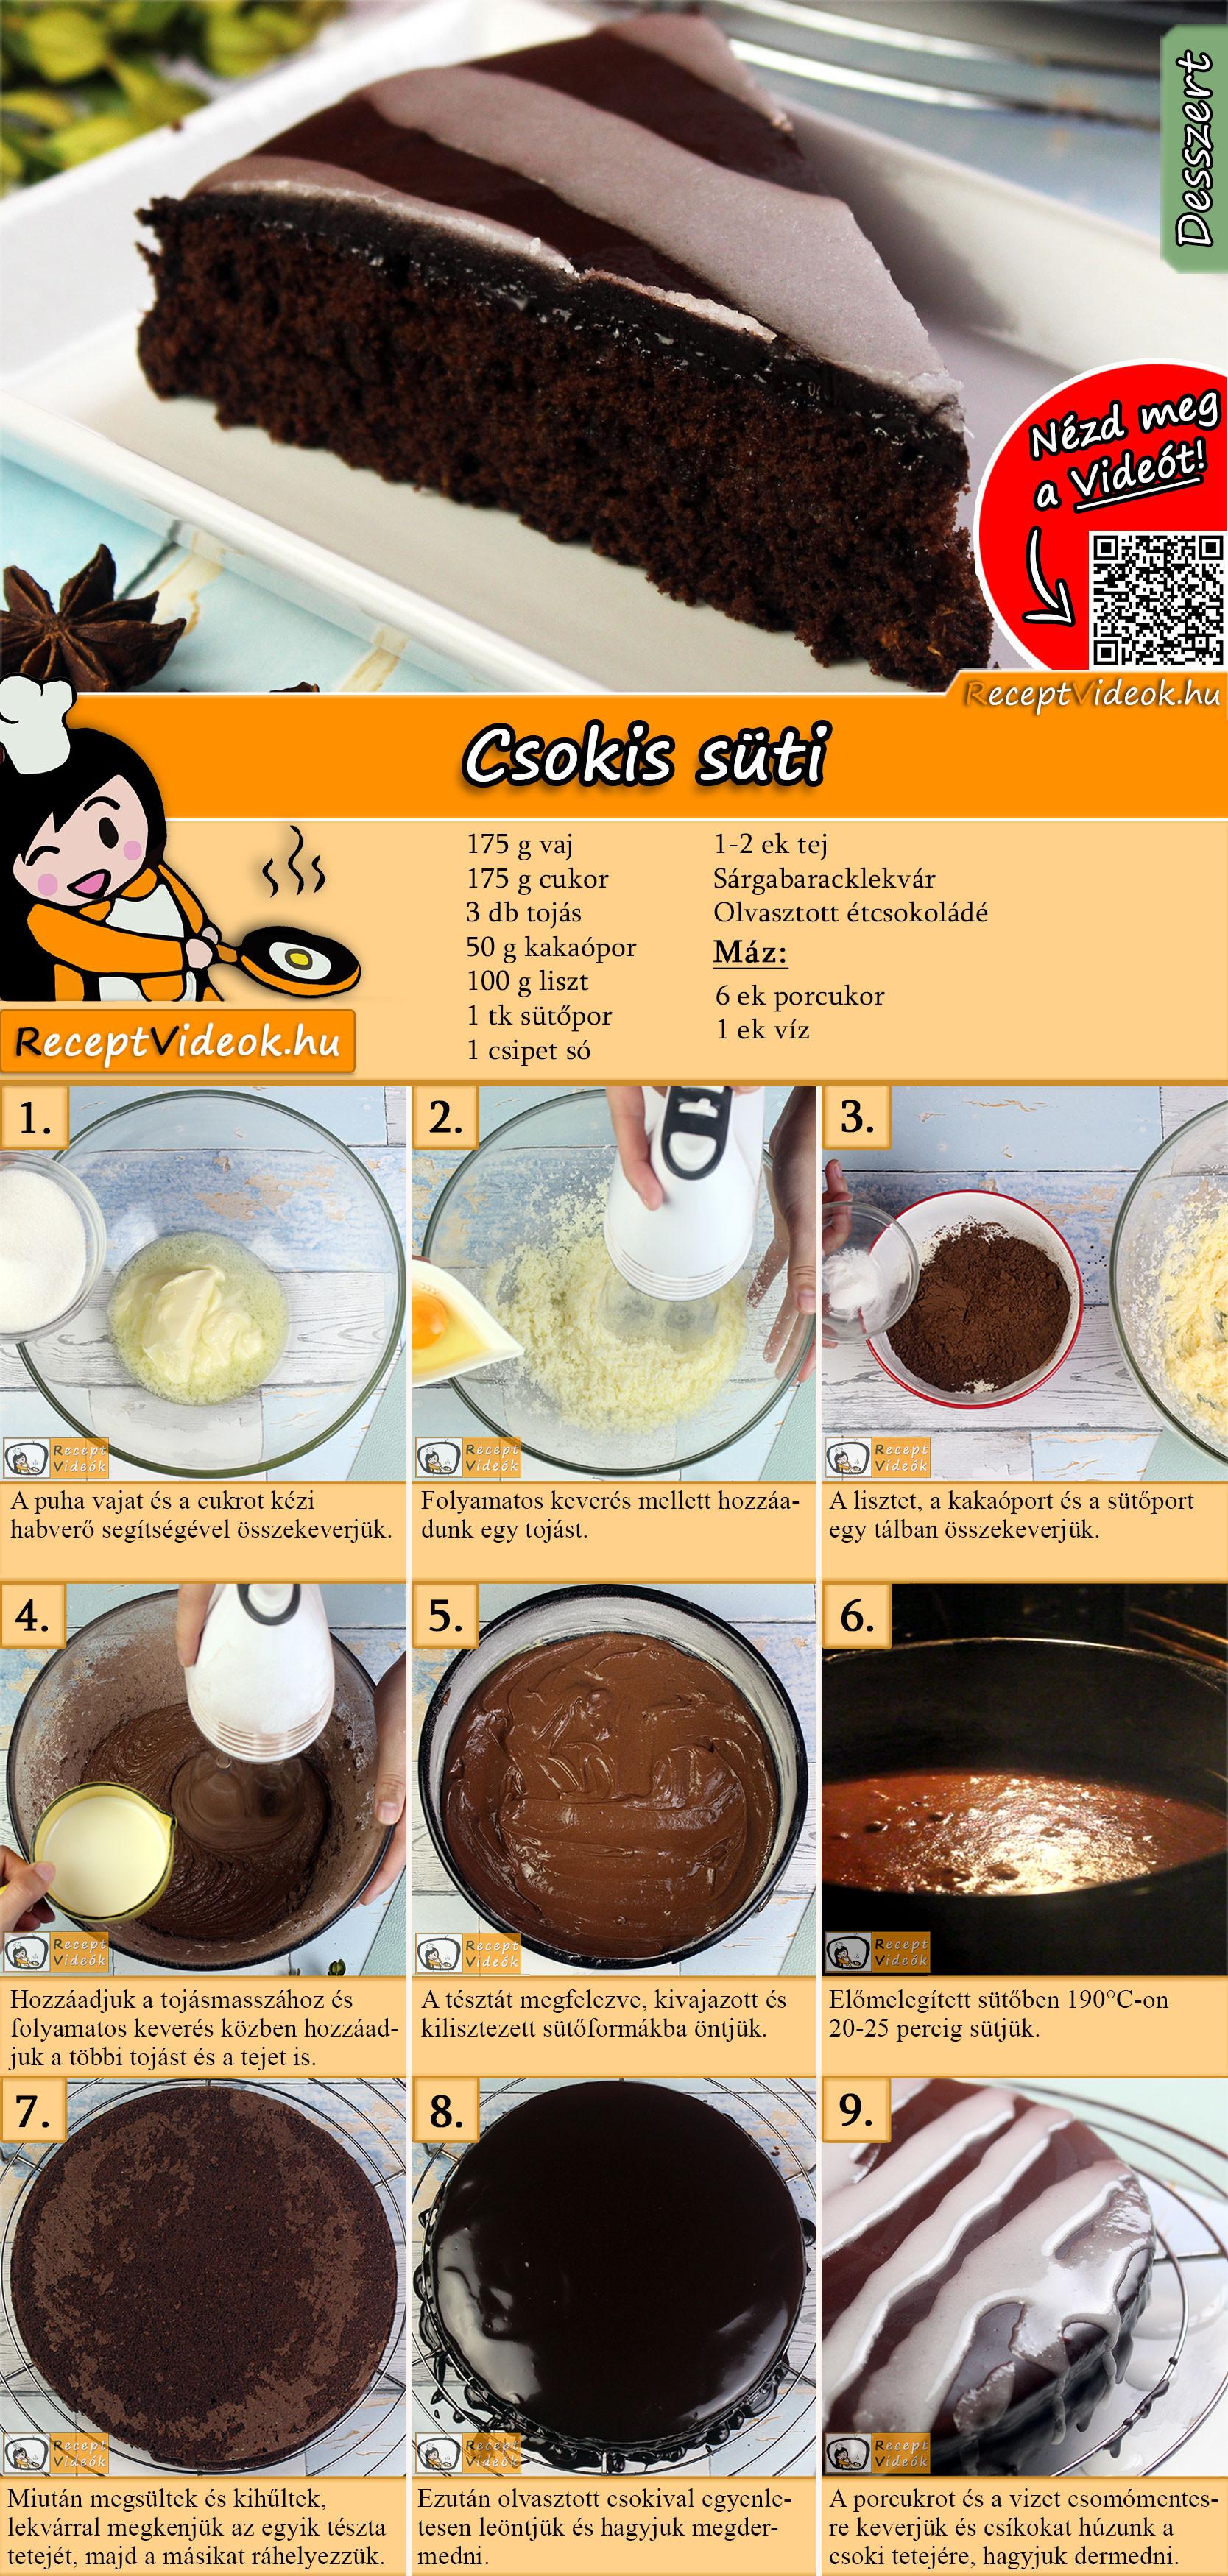 Csokis süti recept elkészítése videóval